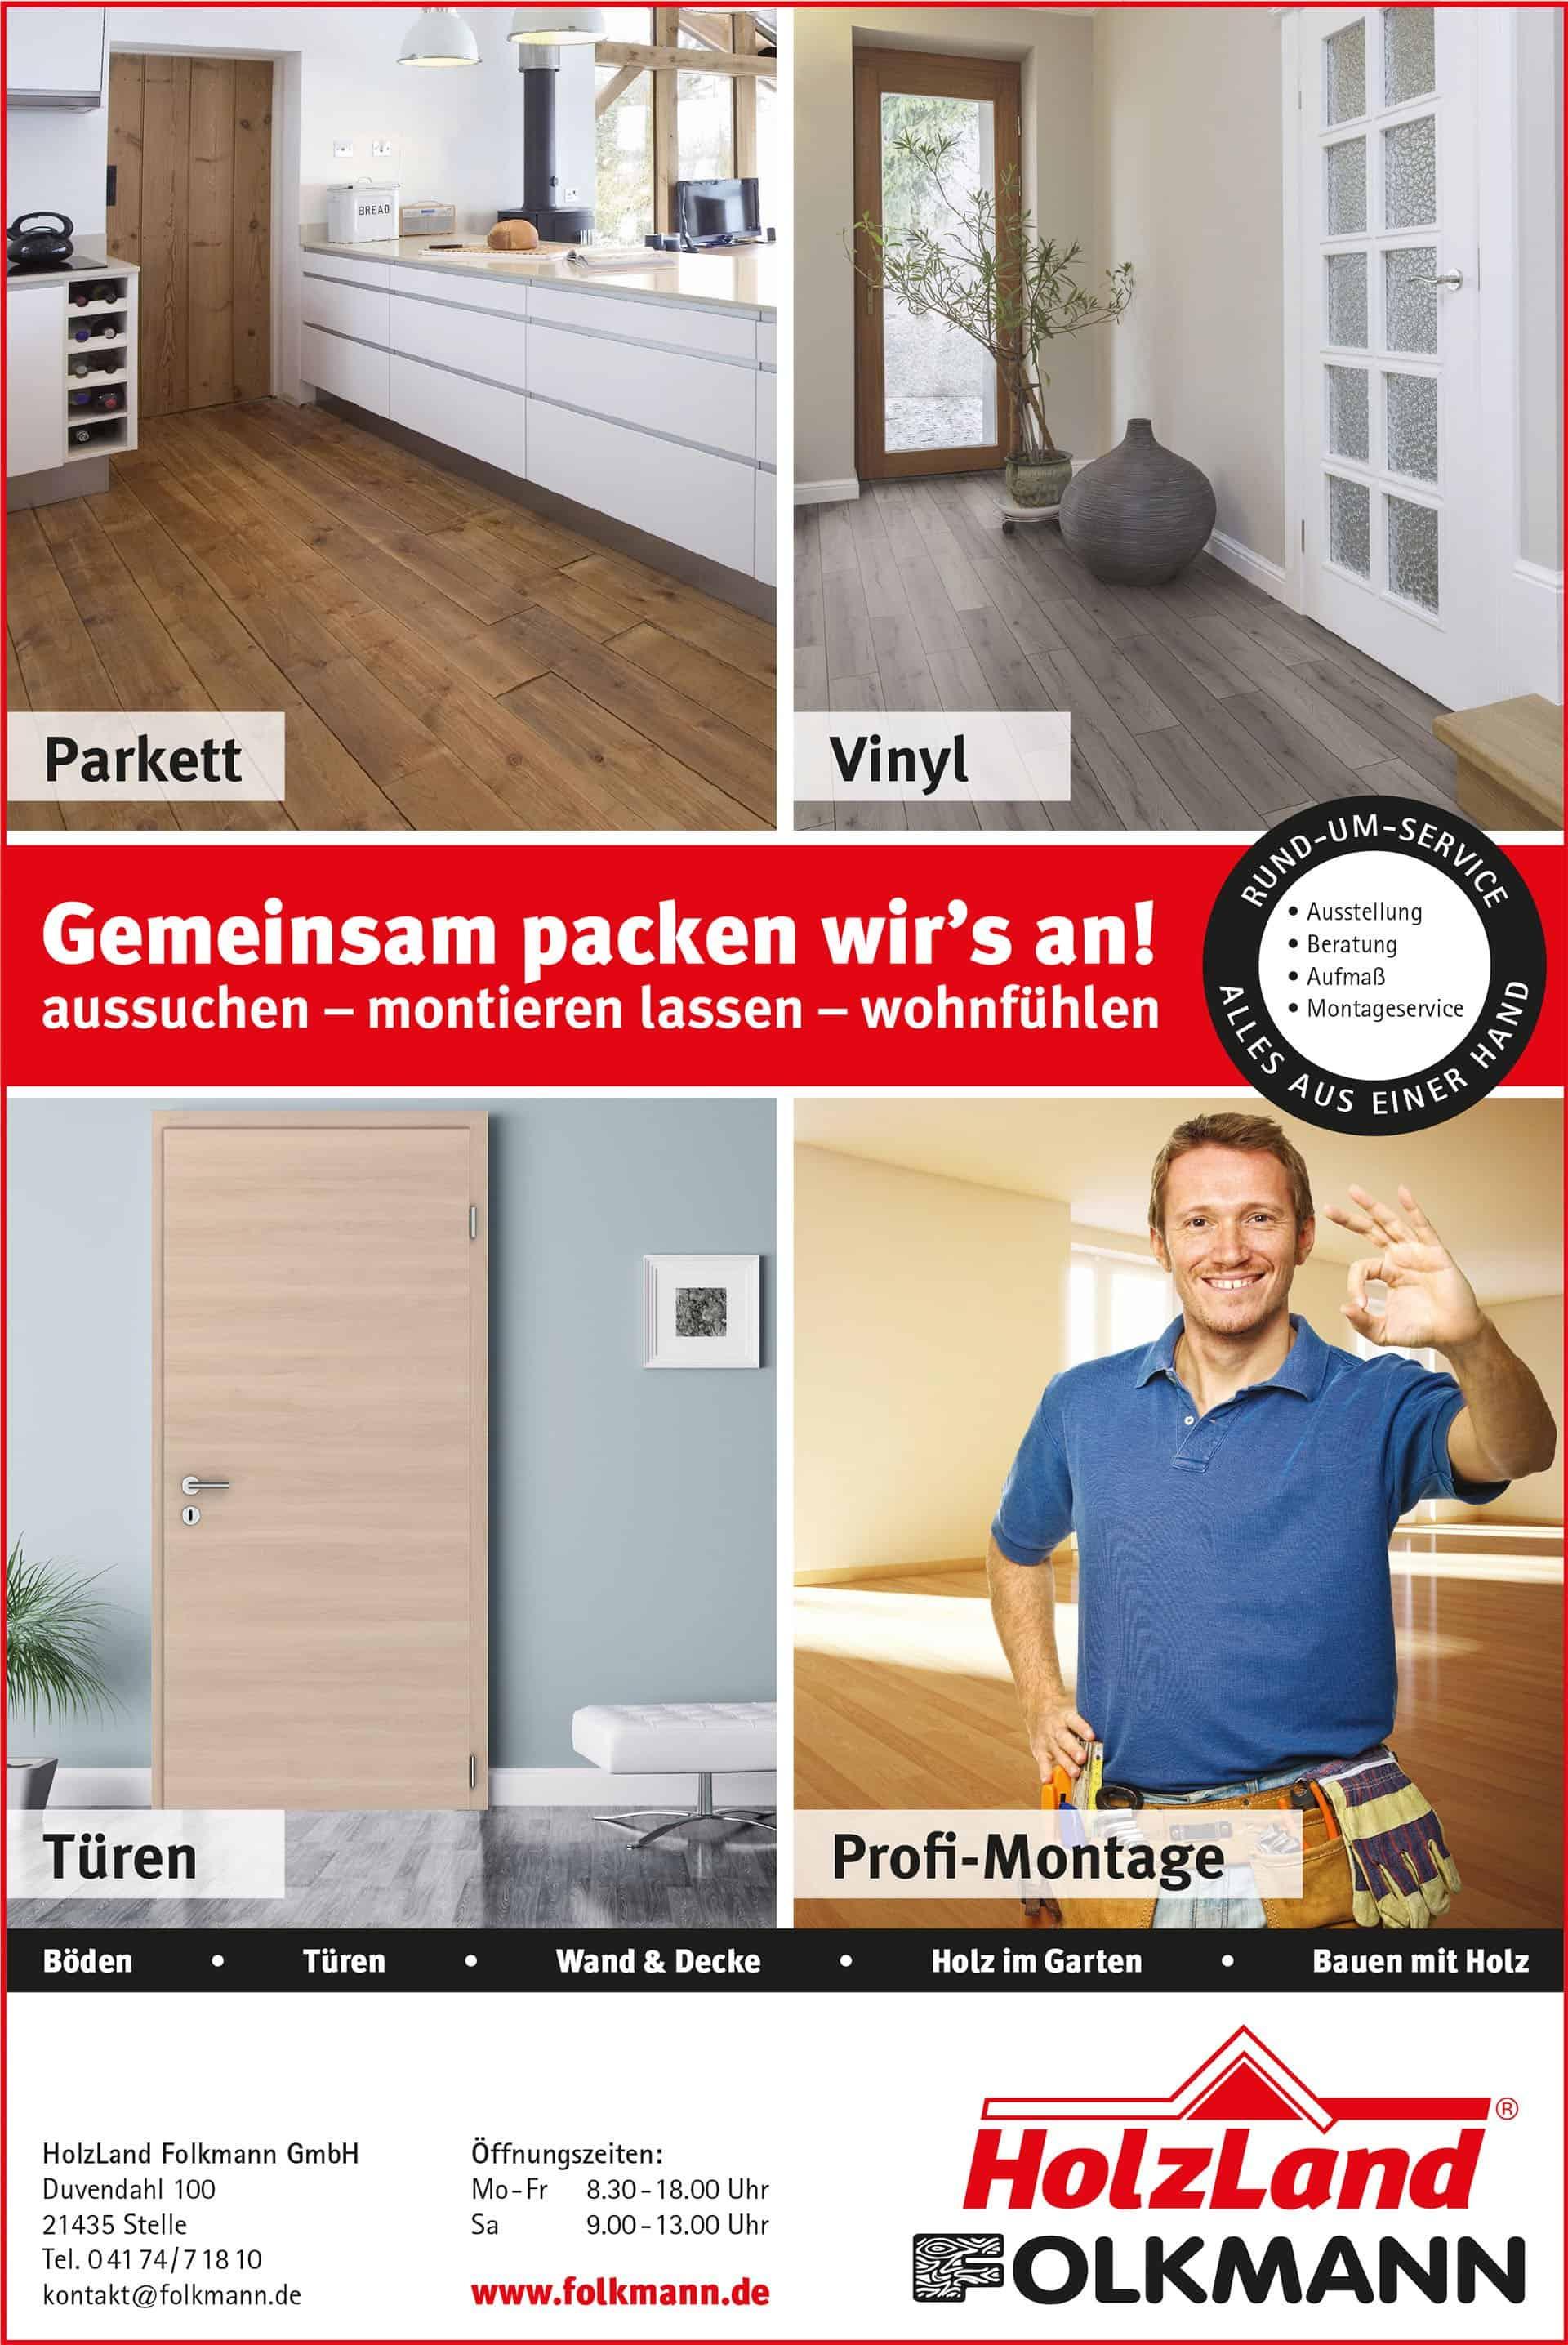 Holzland Folkmann Parkett & Türen im Landkreis Harburg